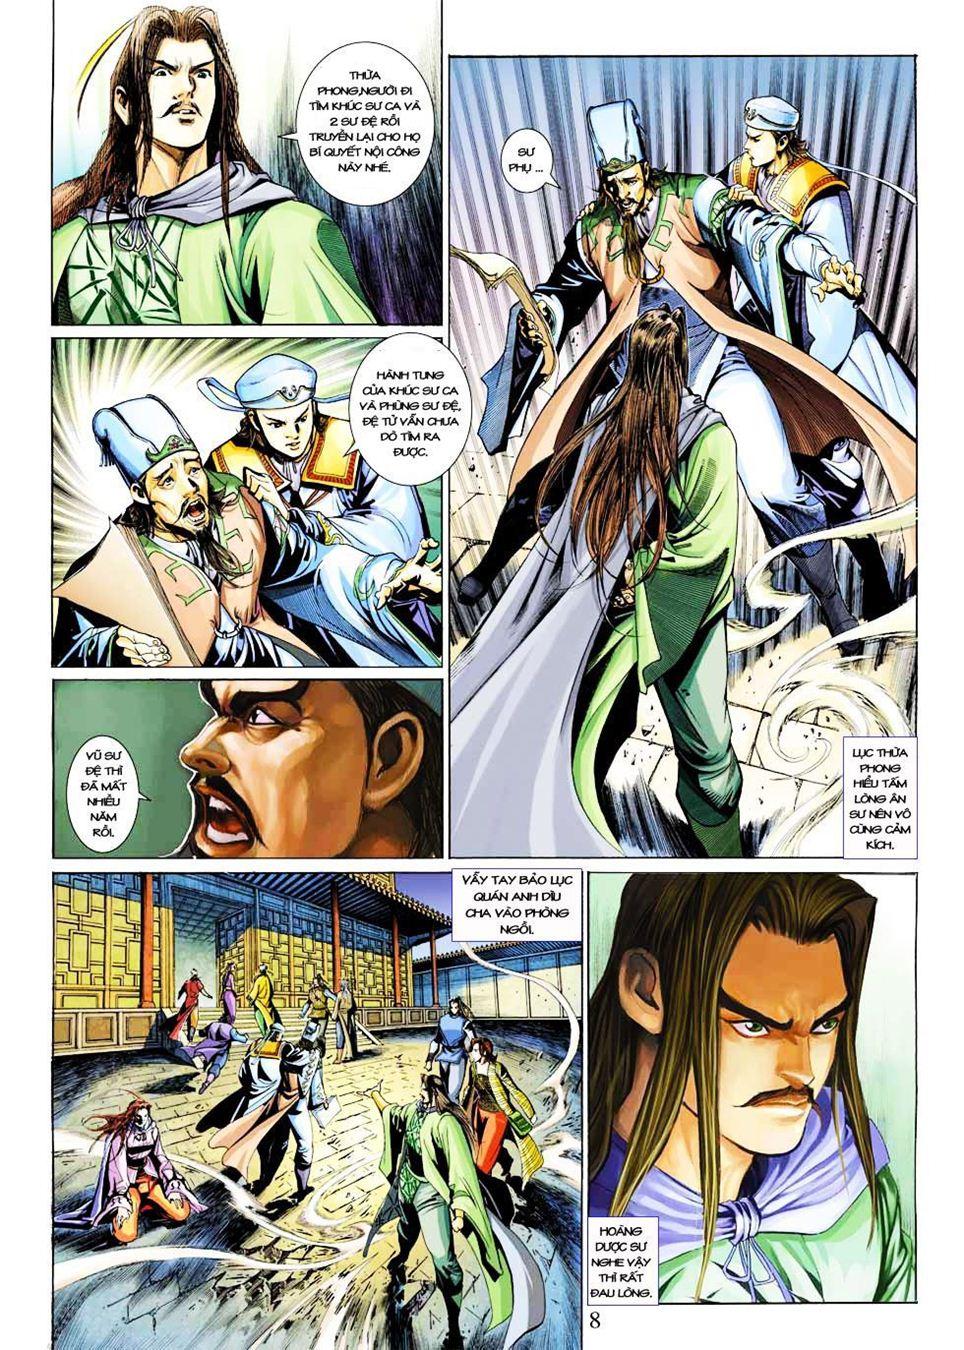 Anh Hùng Xạ Điêu anh hùng xạ đêu chap 33 trang 8